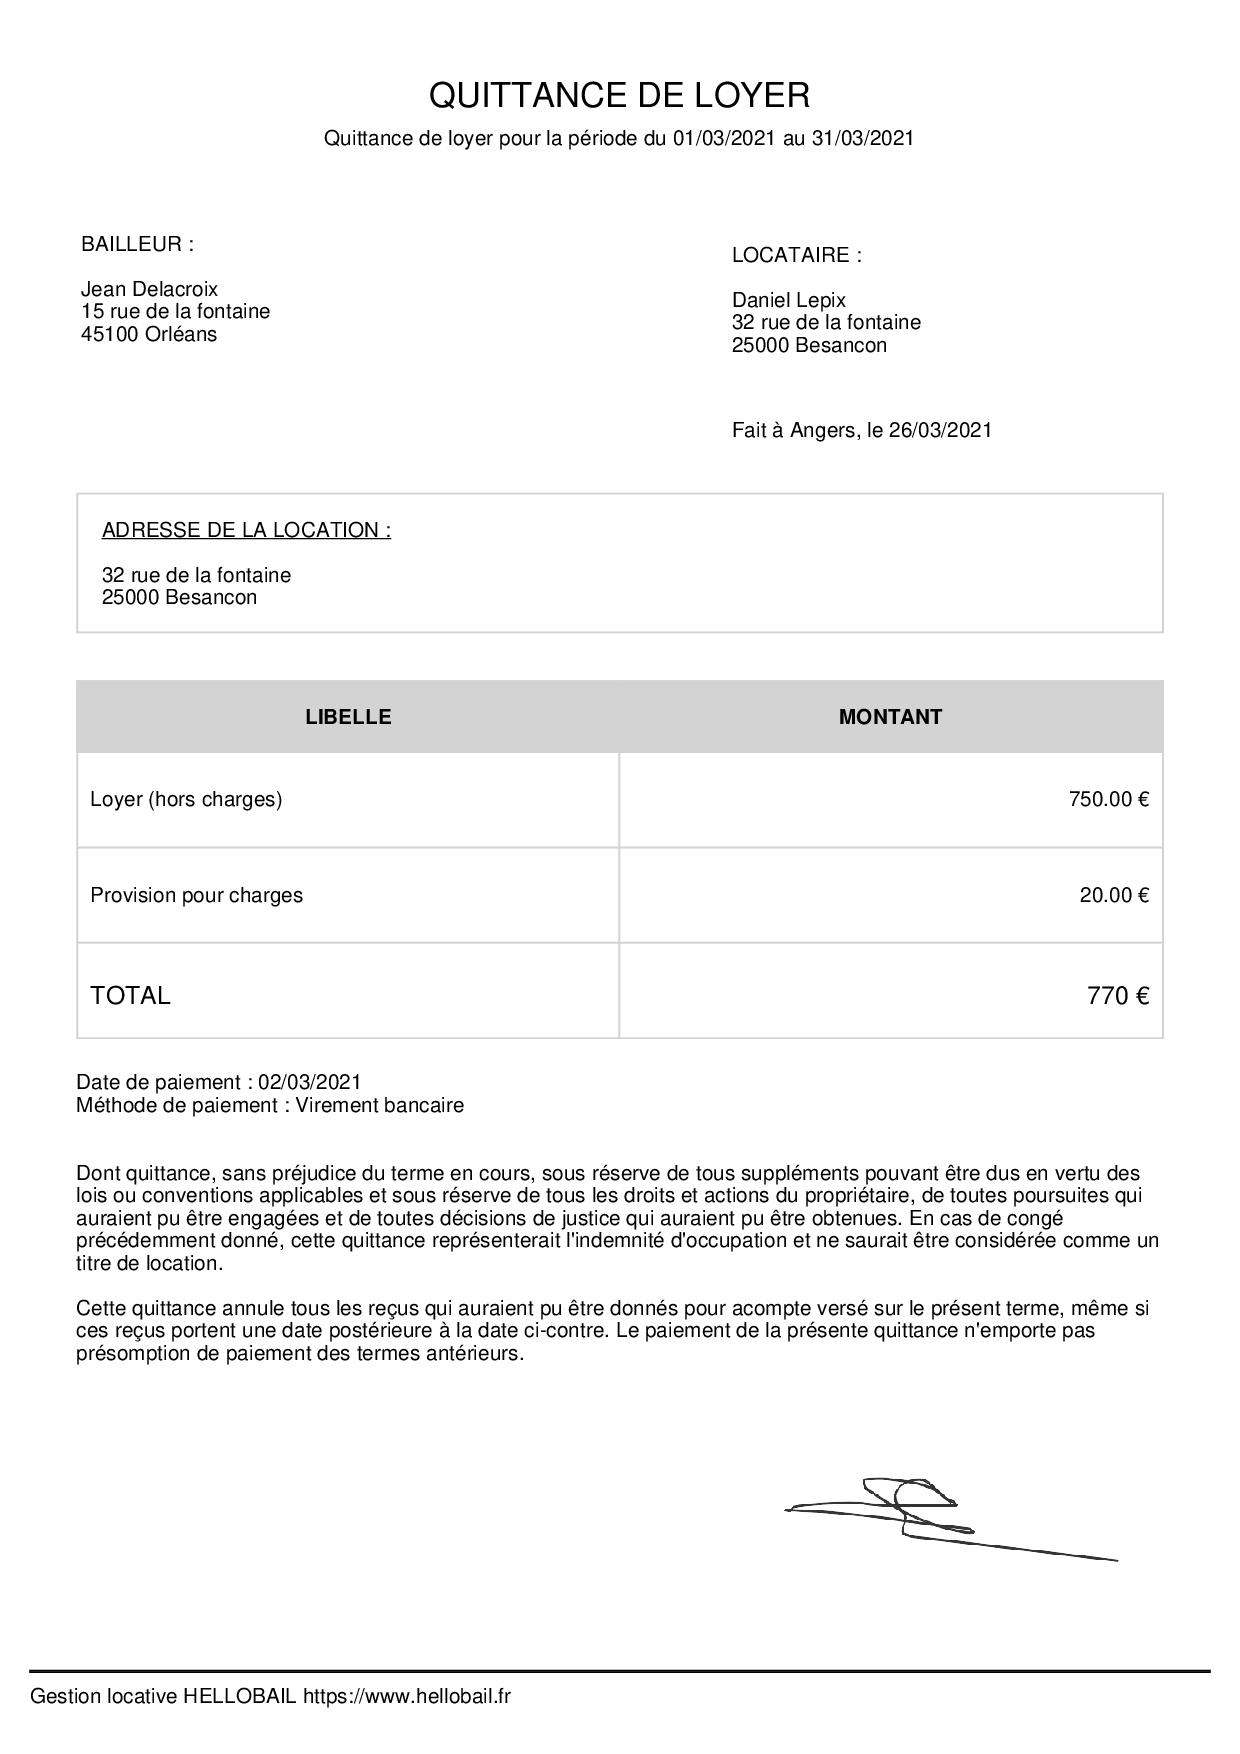 Quittance de loyer PDF et WORD : modèle à télécharger et imprimer